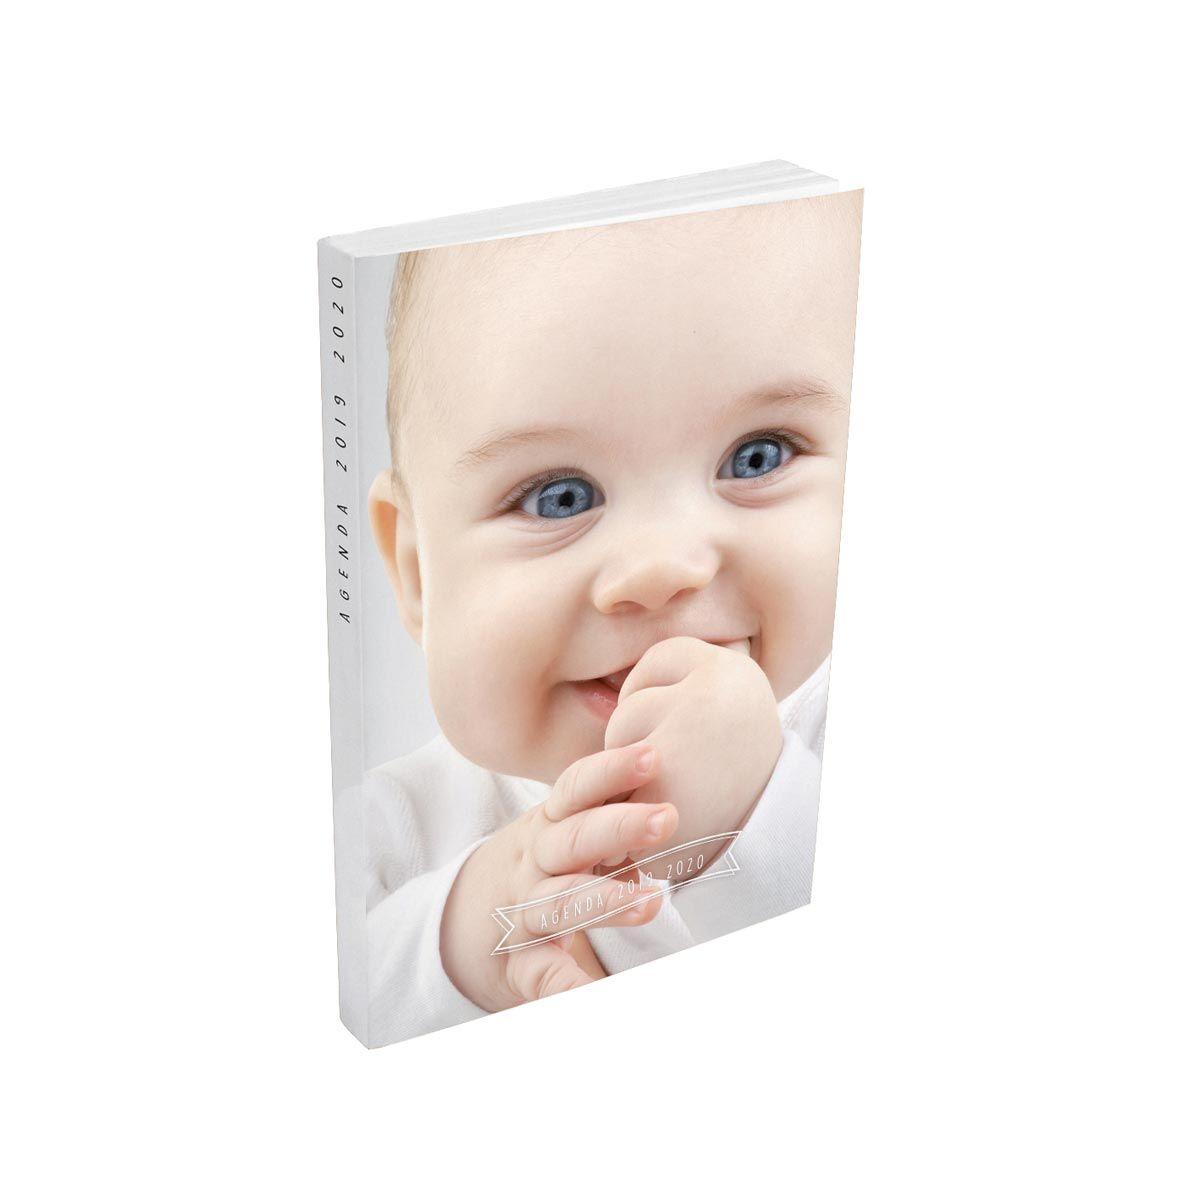 Agenda scolaire journalier fille 320 pages 12x17cm couverture cartonnée souple photo bébé 2019 2020